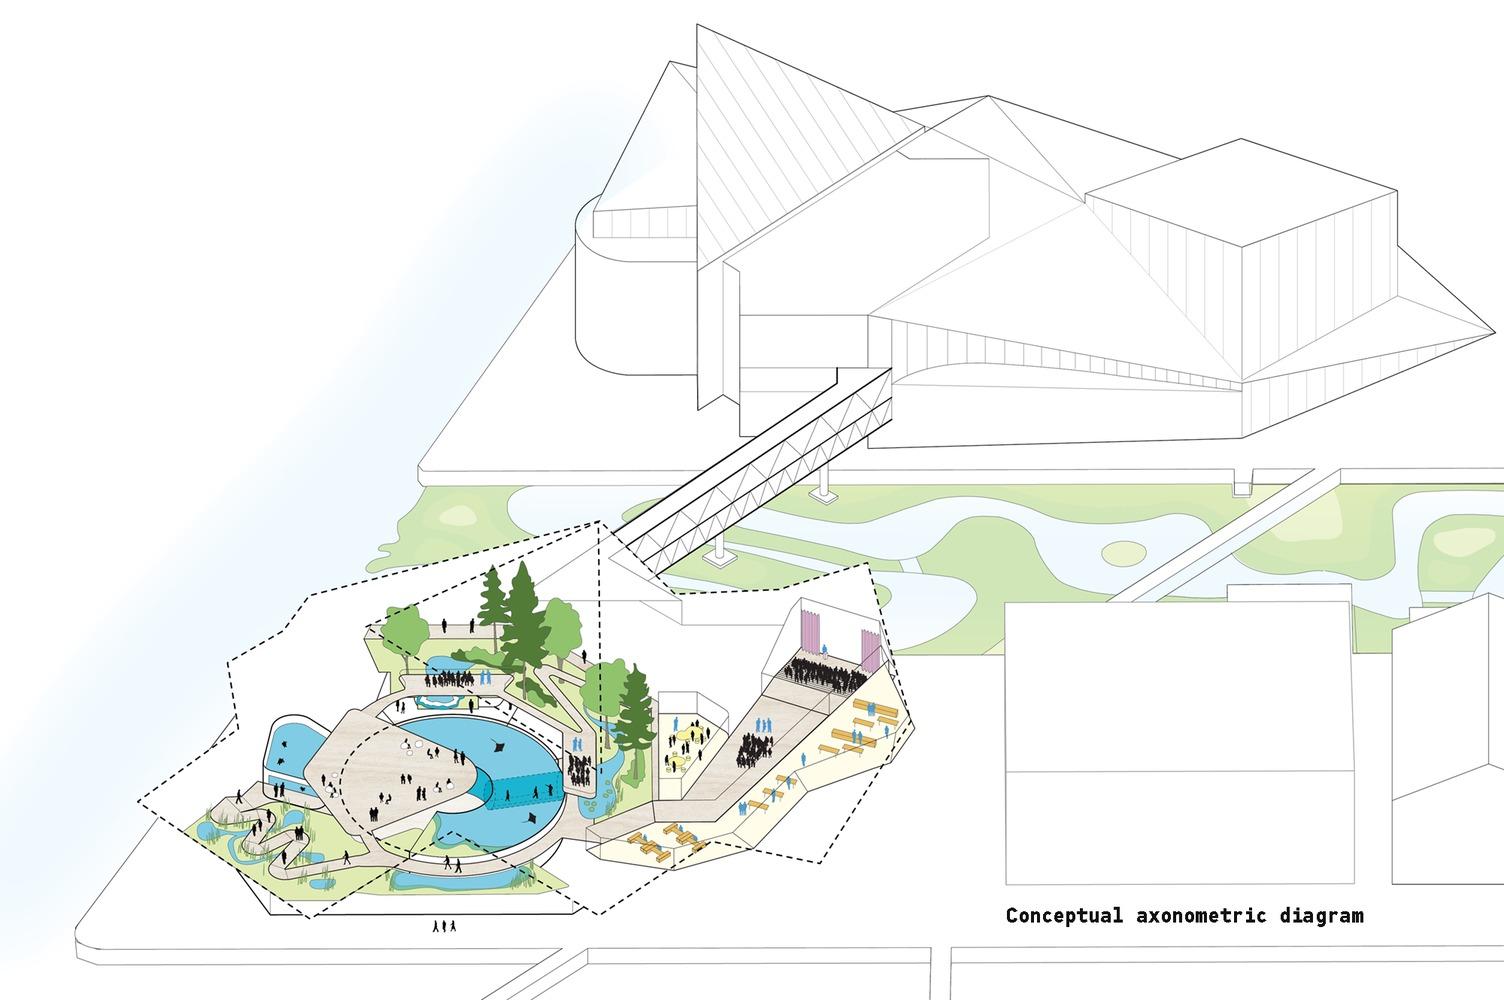 medium resolution of studio gang designs the national aquarium of the future in baltimore